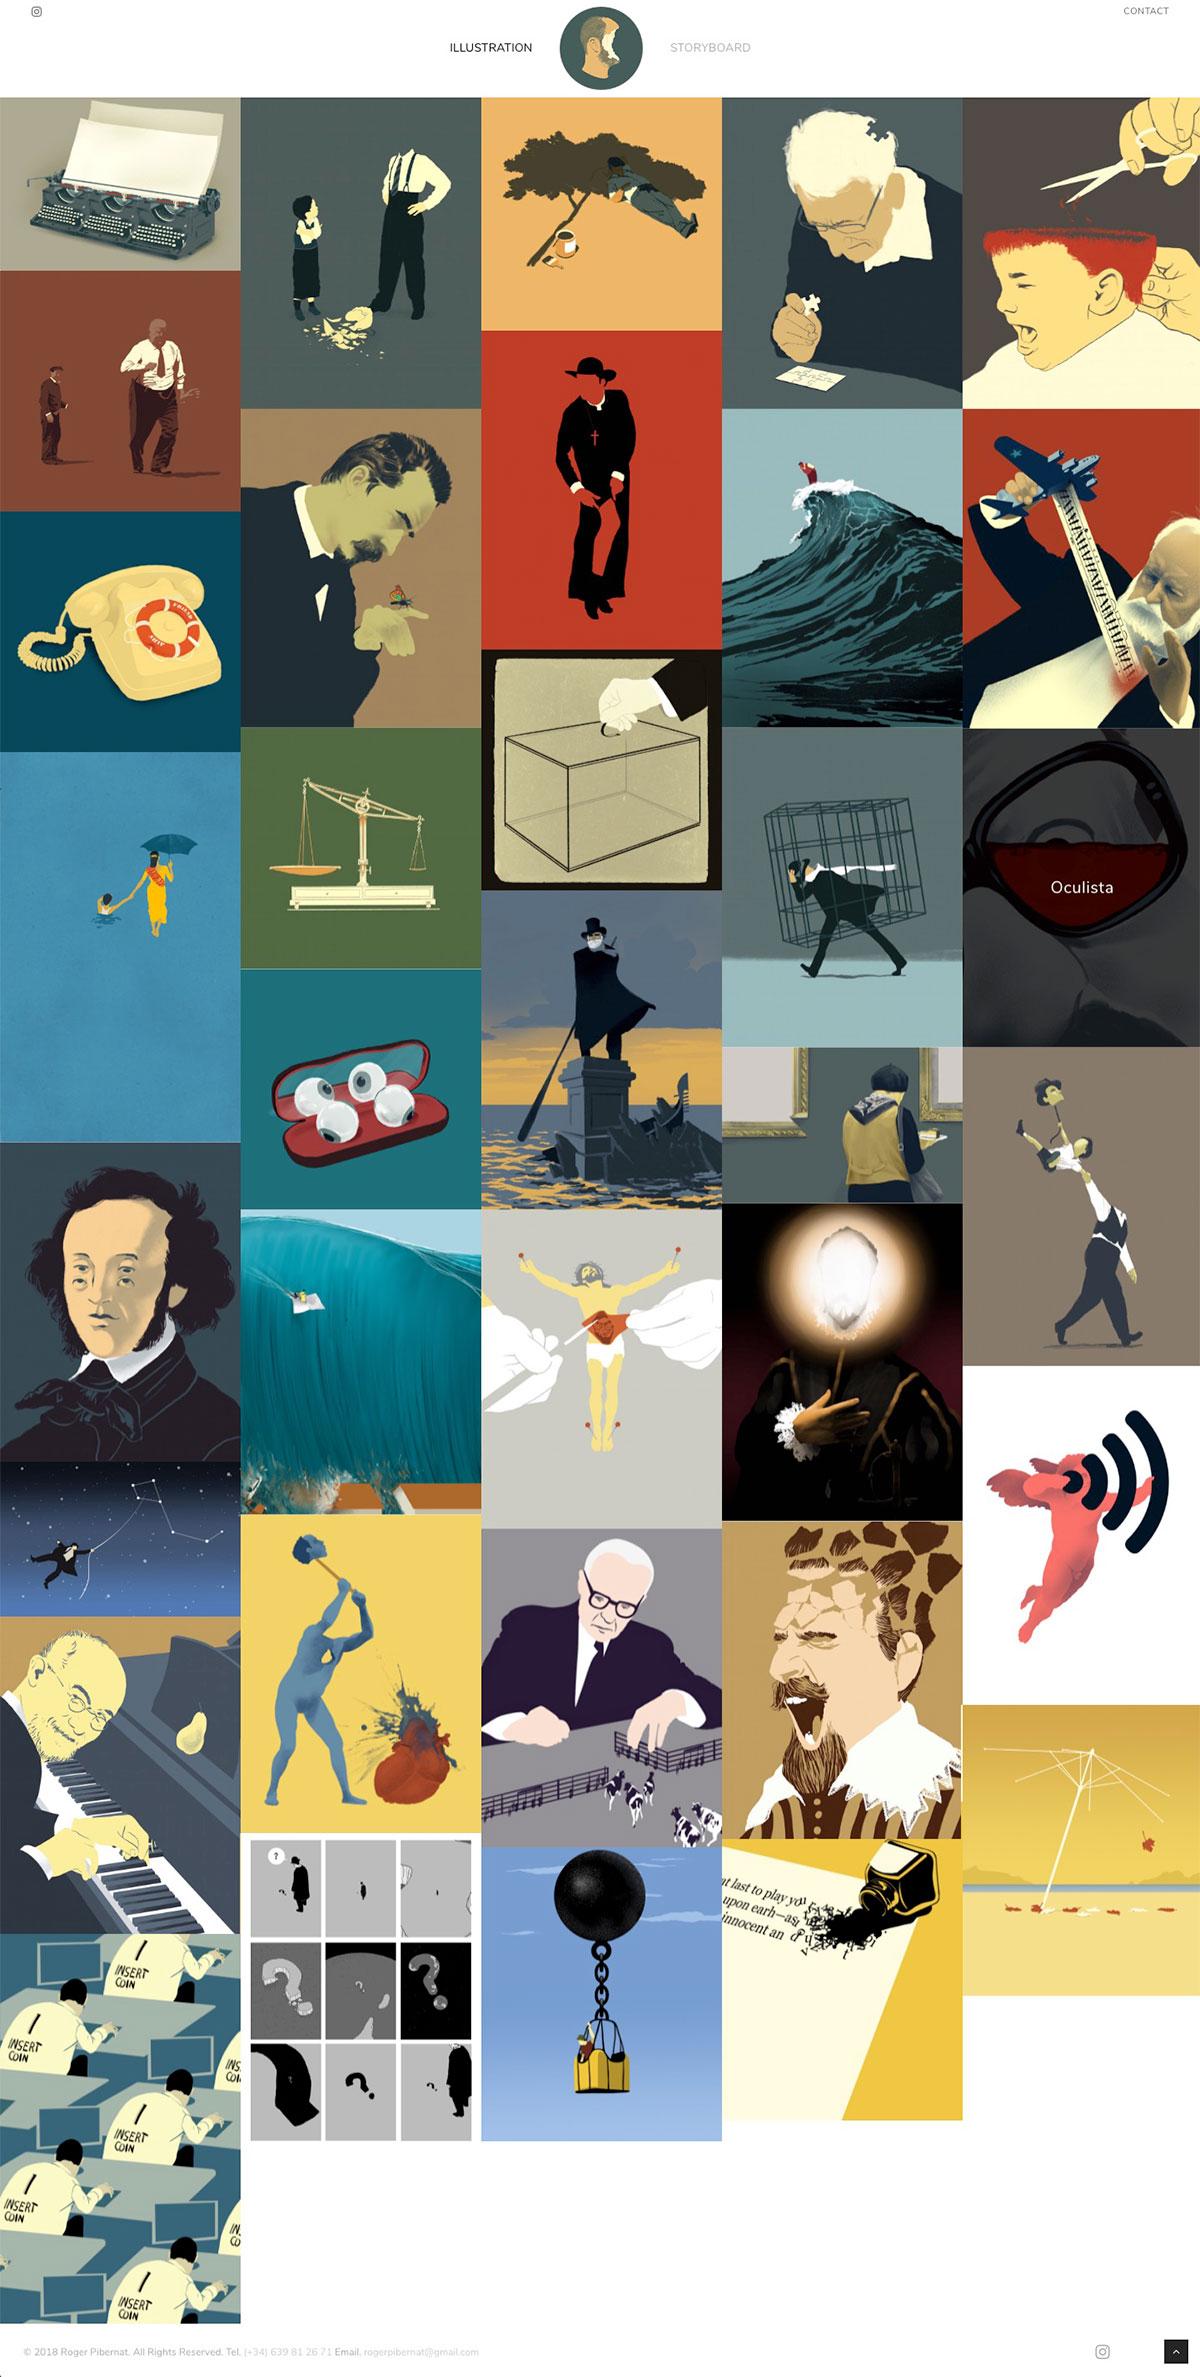 Roger Pibernat ★ Ilustración y Storyboard ★ Website